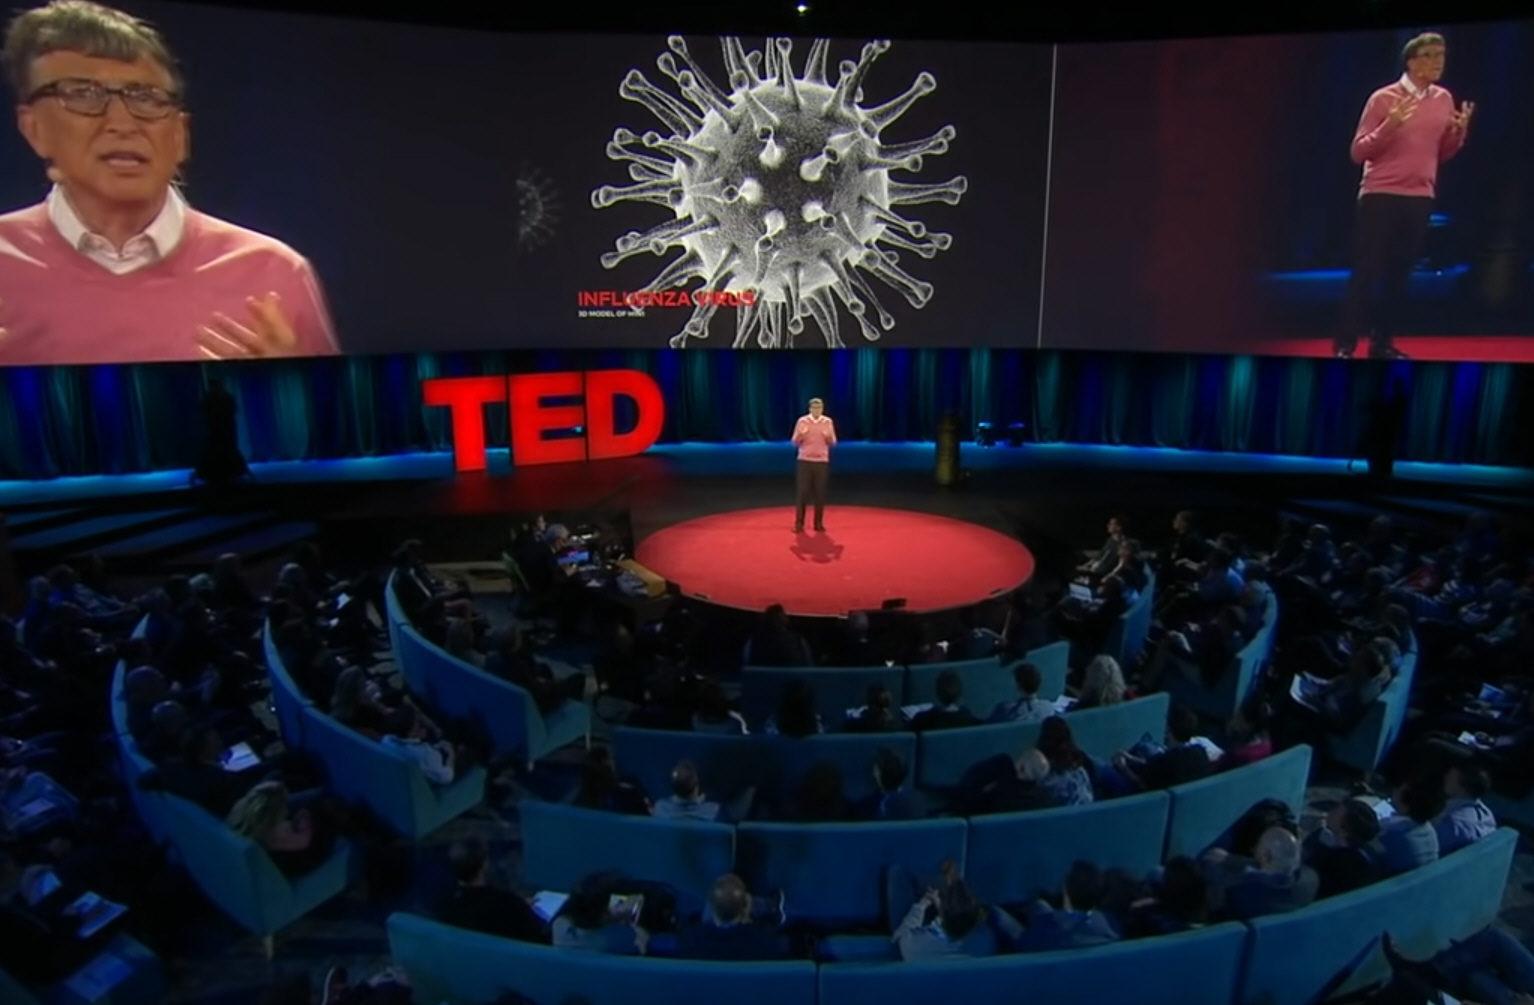 曾神預言病毒!比爾蓋茲再預言疫情後「未來2大災難」:死亡人數比新冠還高